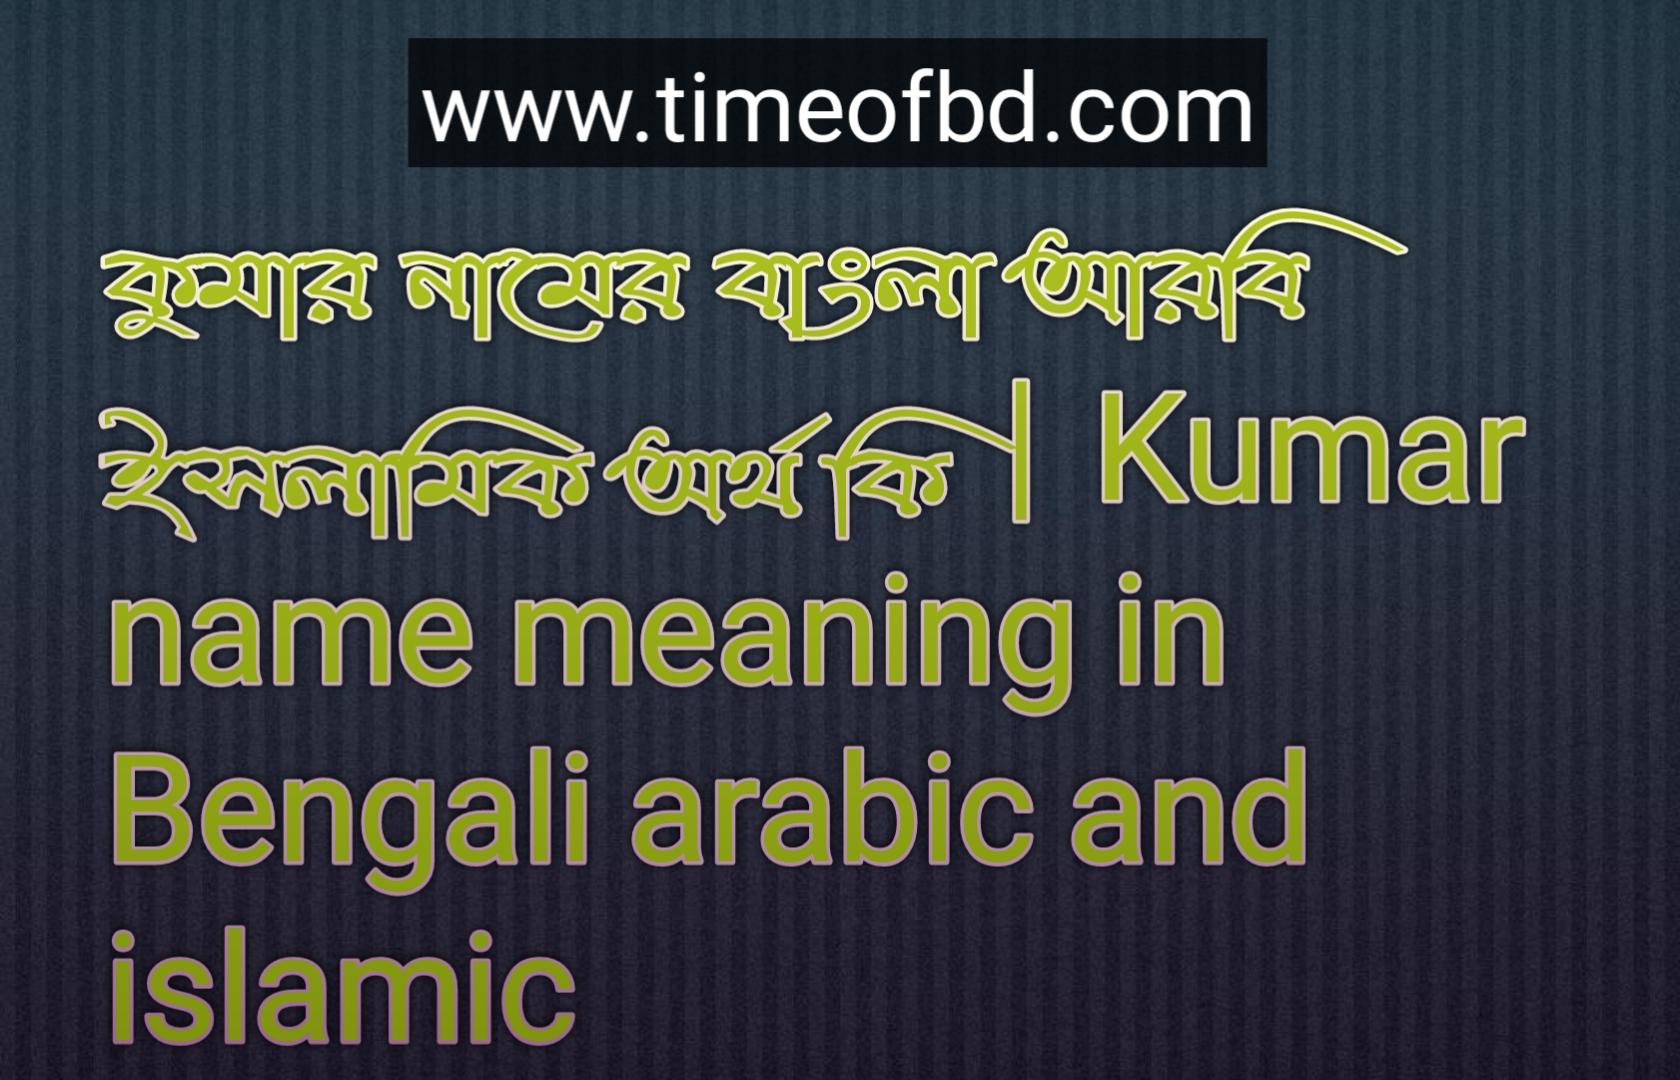 কুমার নামের অর্থ কি, কুমার নামের বাংলা অর্থ কি, কুমার নামের ইসলামিক অর্থ কি, Kumar name meaning in Bengali, কুমার কি ইসলামিক নাম,